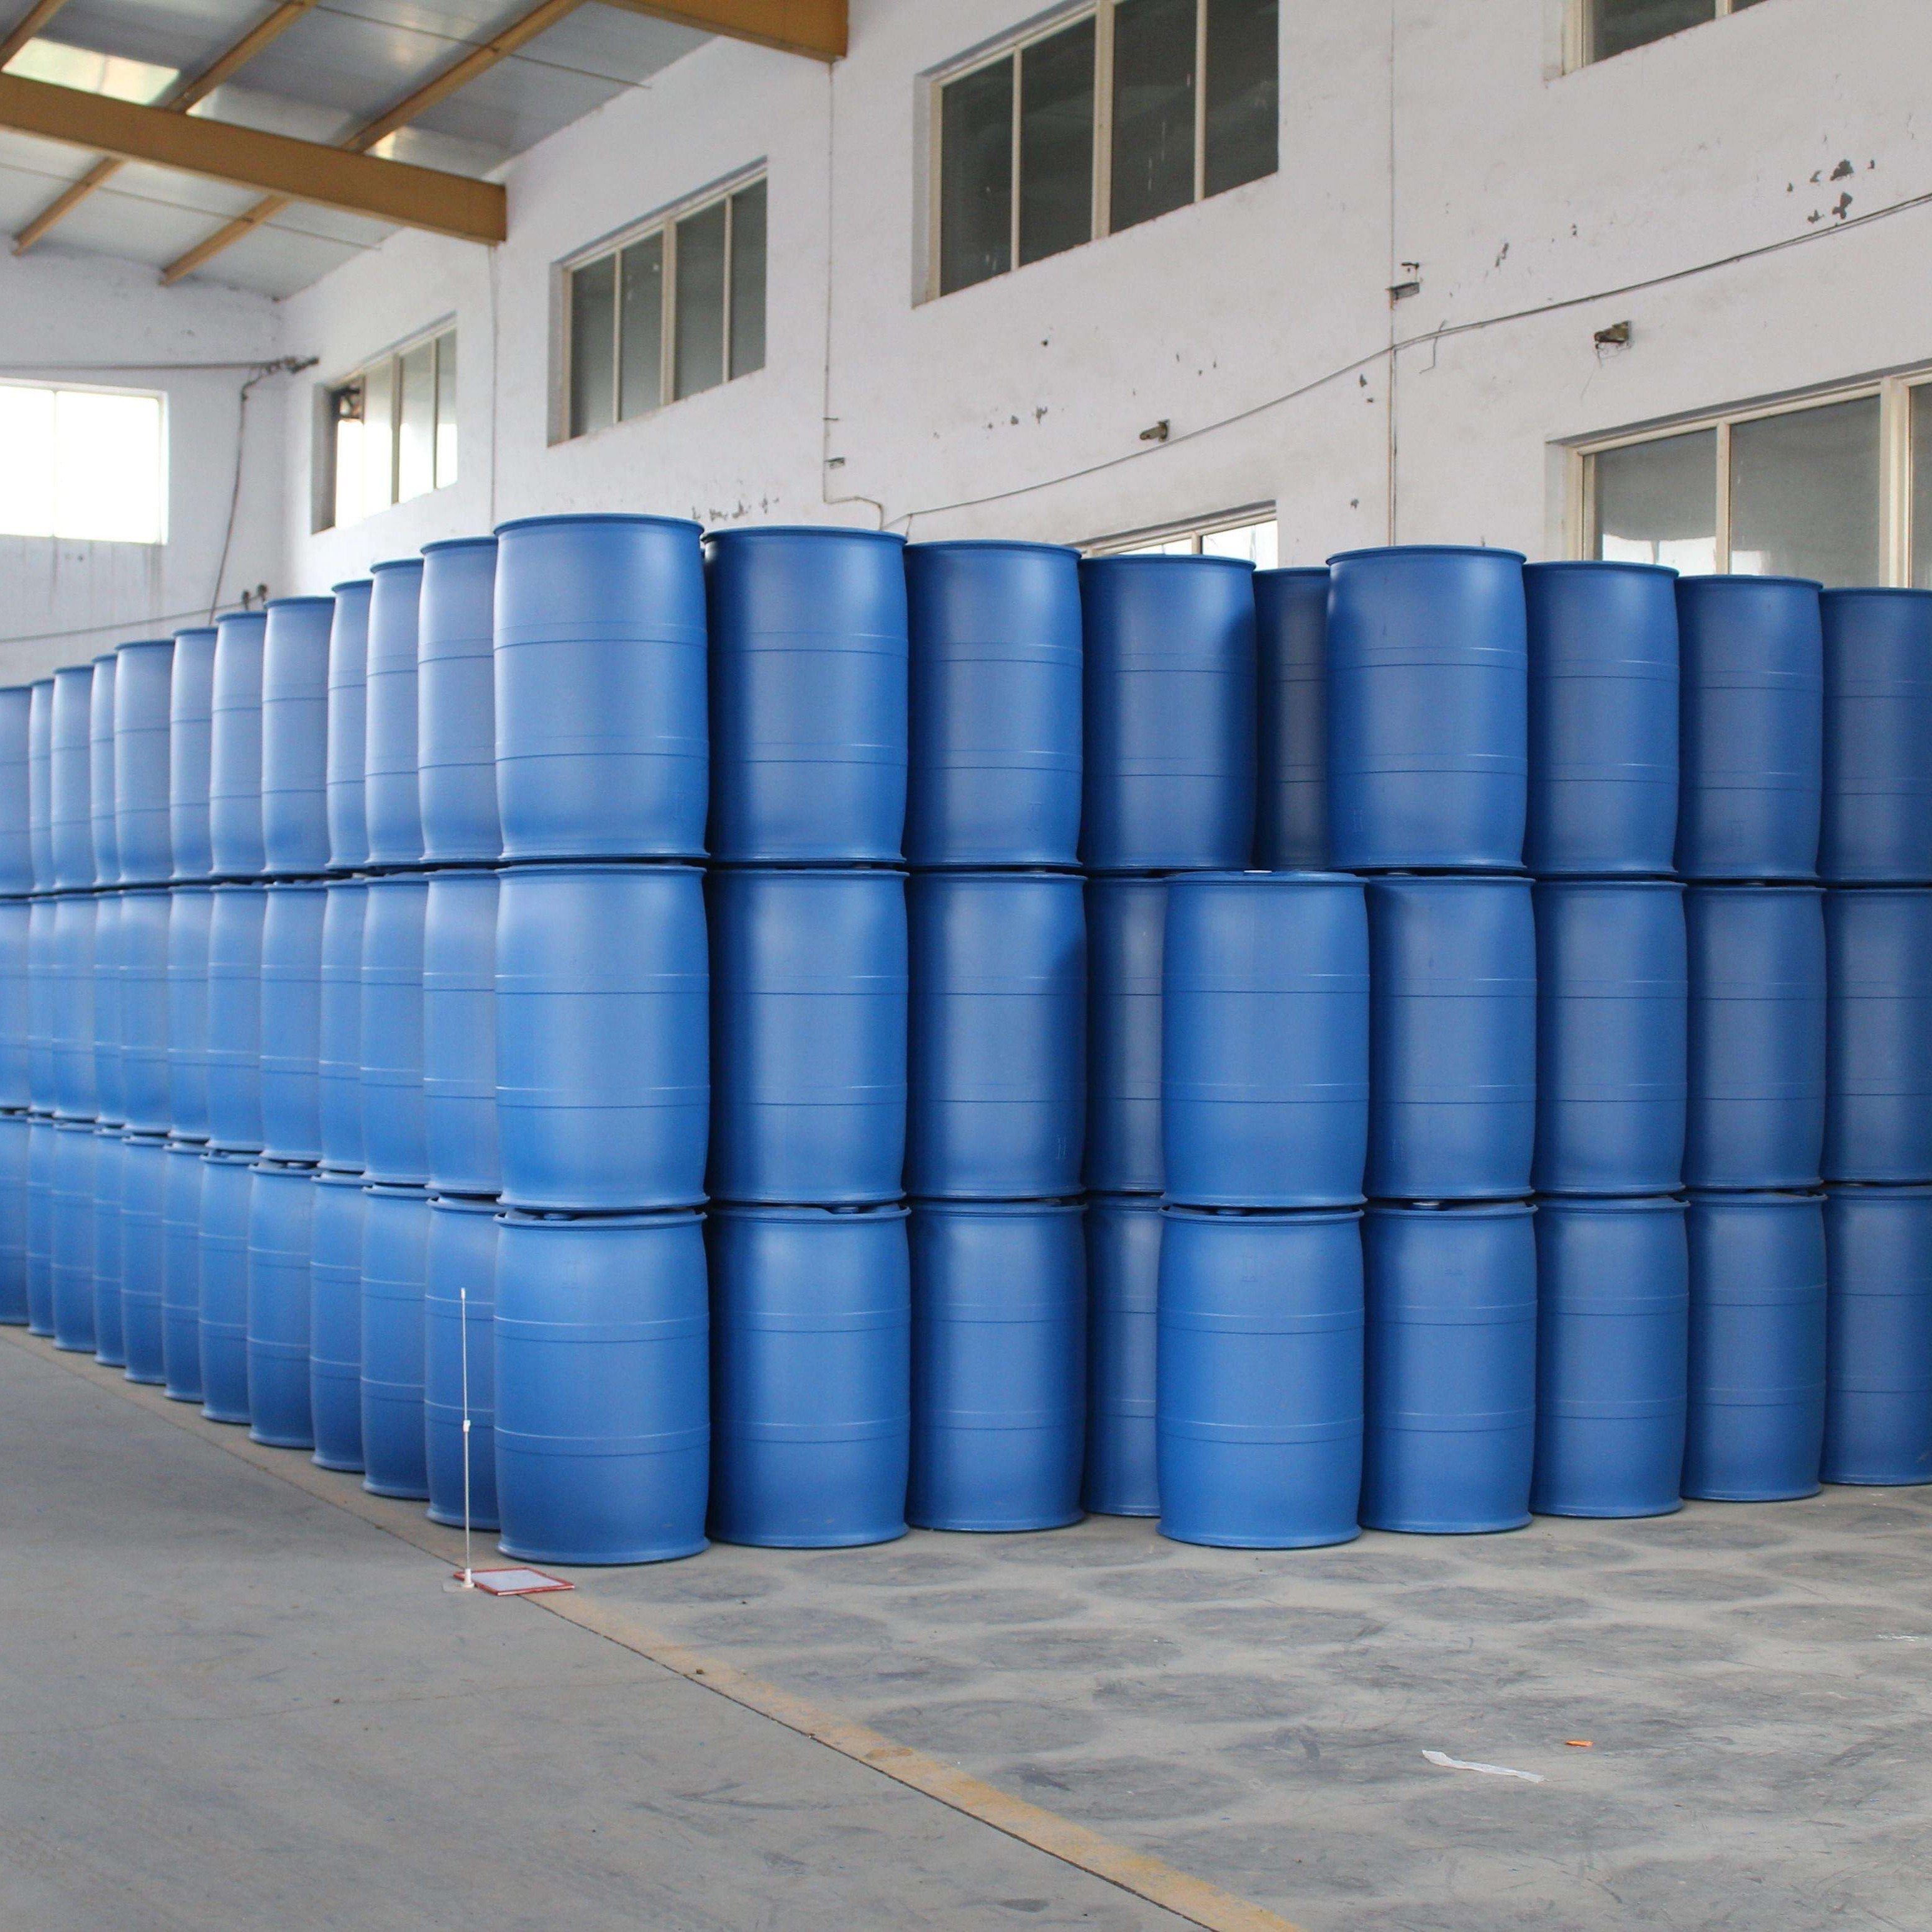 北方大型氯化苄生产厂家 淄博氯化苄厂家 国标氯化苄价格